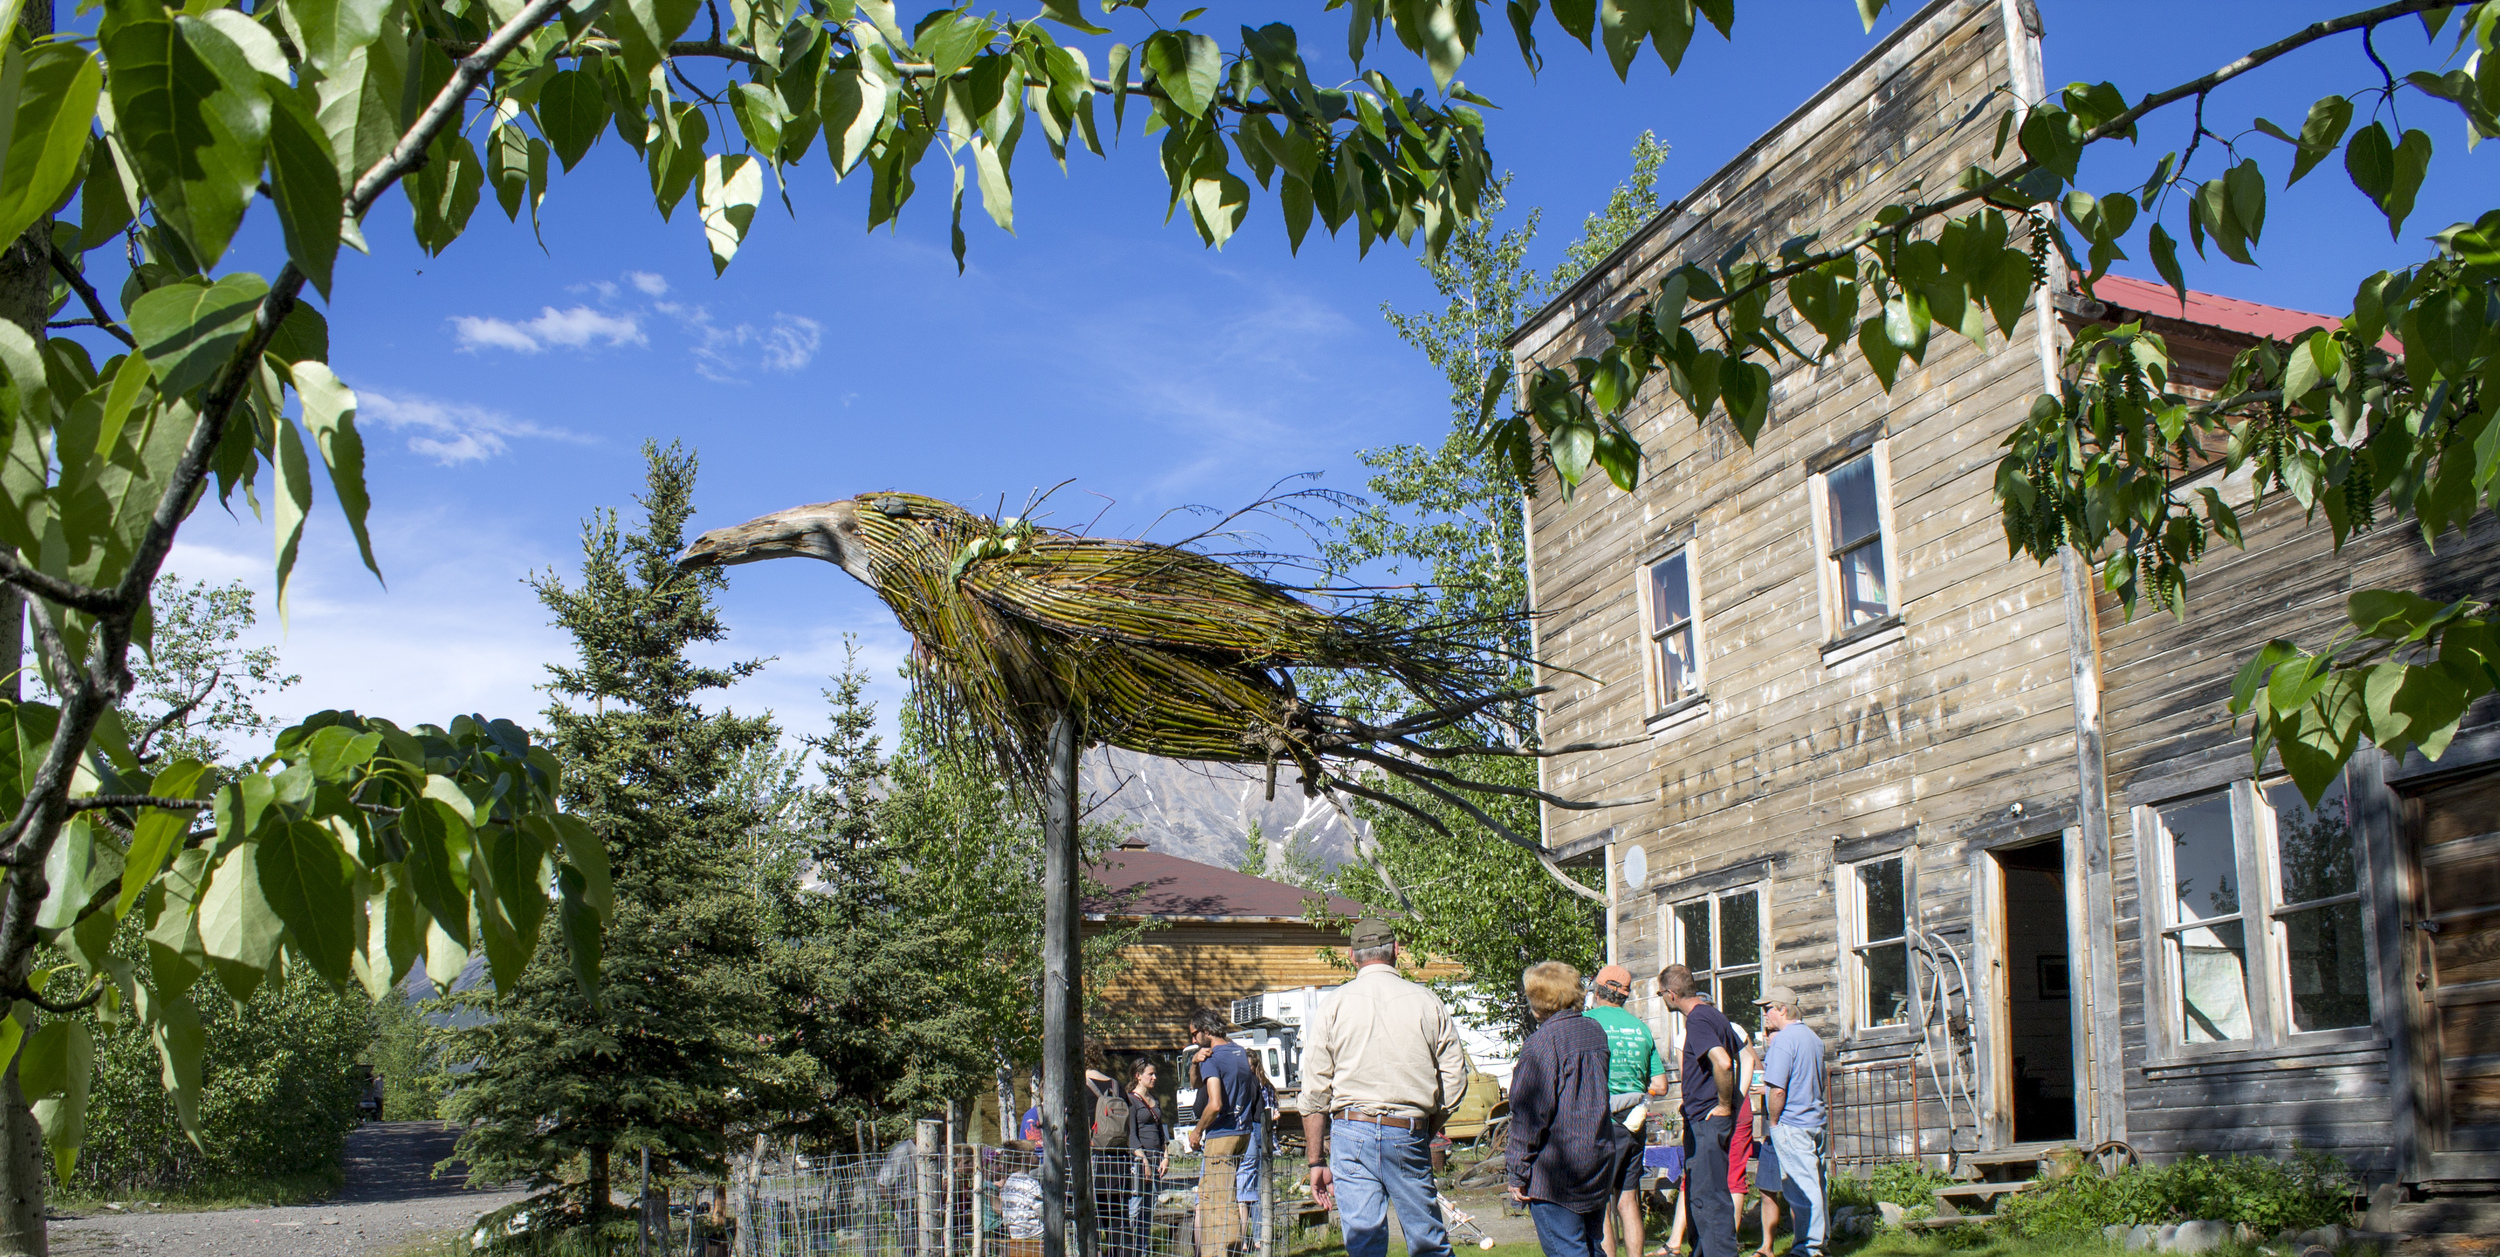 2014 Meg Hunt Resident, Joe Barrington's, raven sculpture in front of the Wrangell Mountains Center